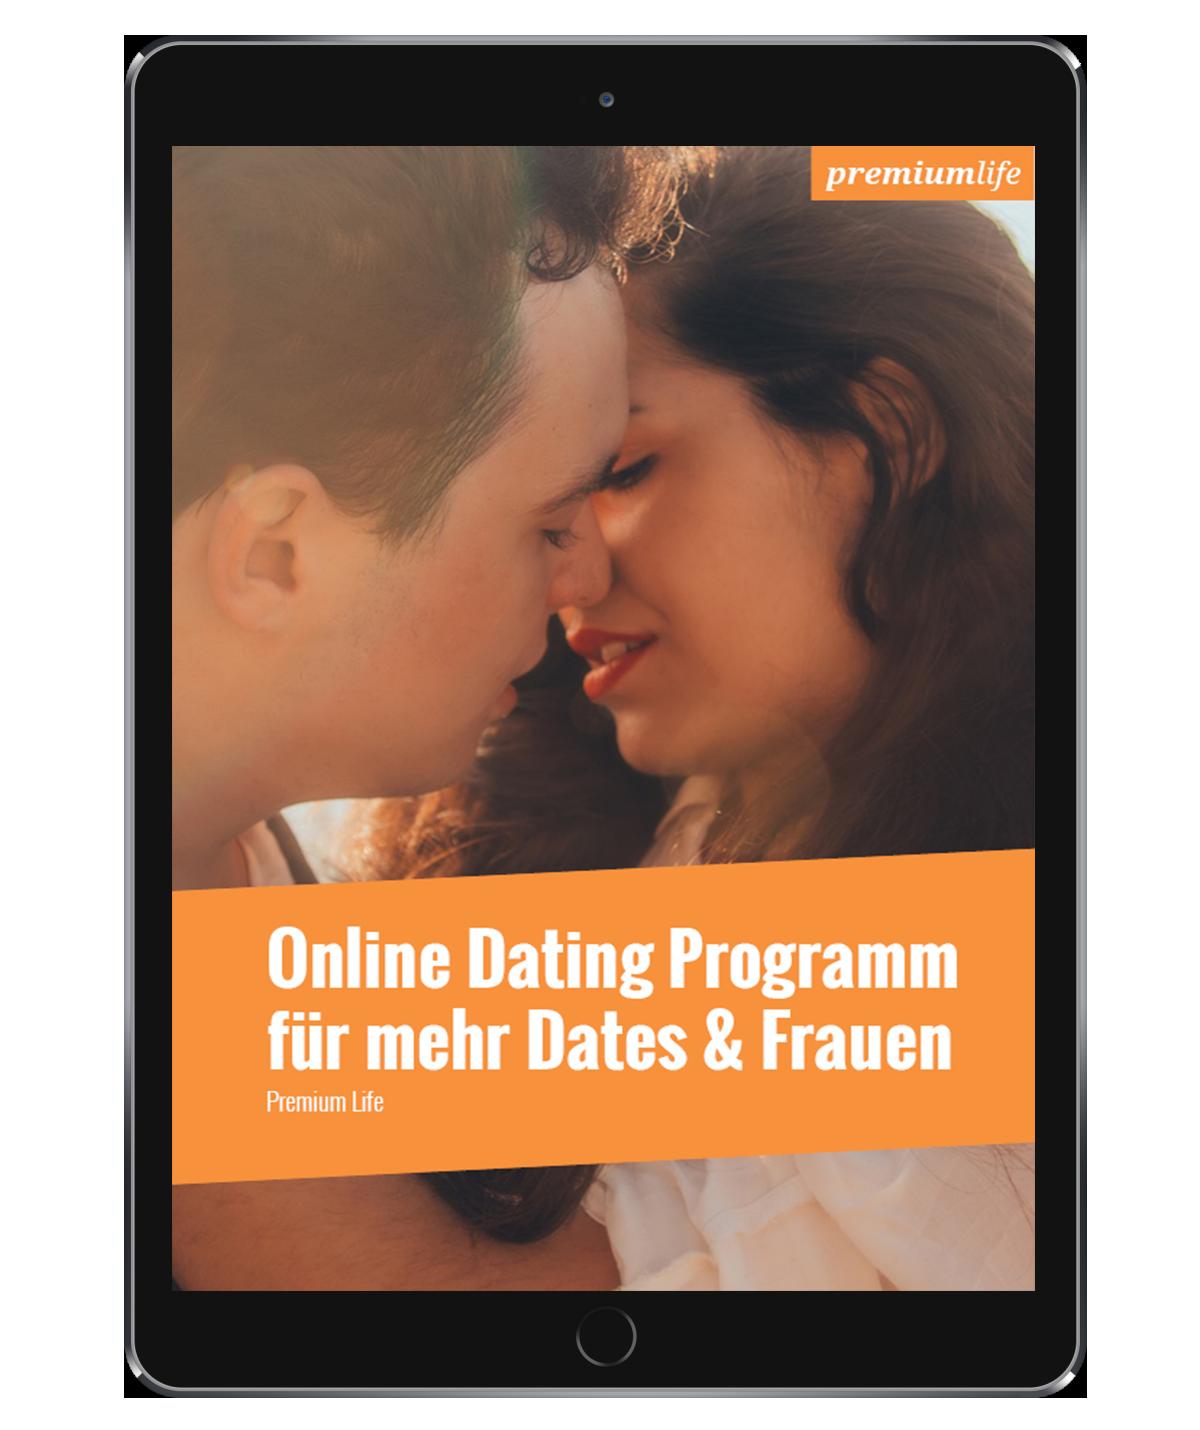 online dating erste frage hodnotit můj online seznamovací profil